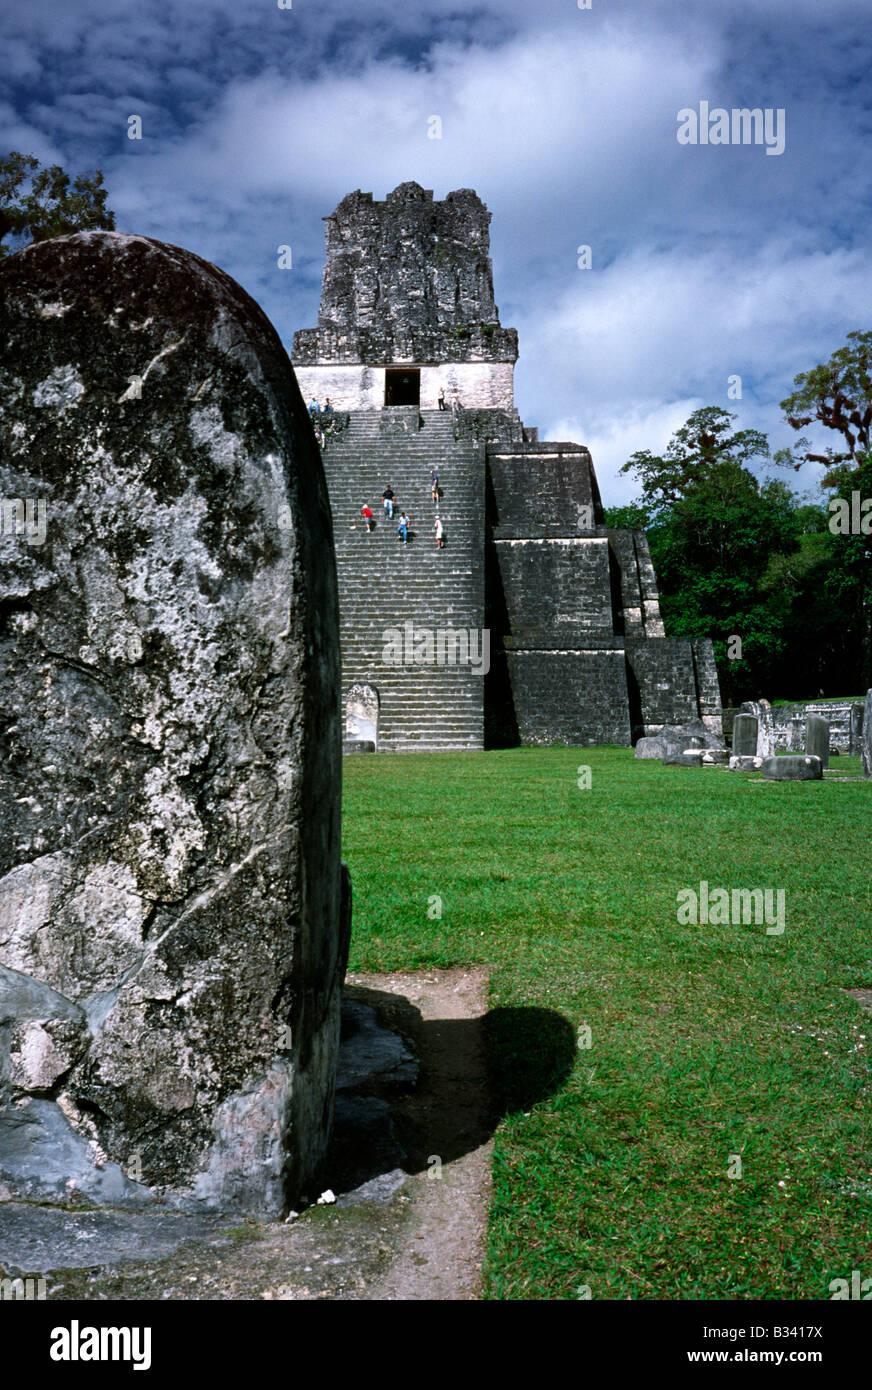 Feb 20, 2002 - Temple II at Plaza Mayor at Mayan ruins of Tikal in Guatemala. - Stock Image